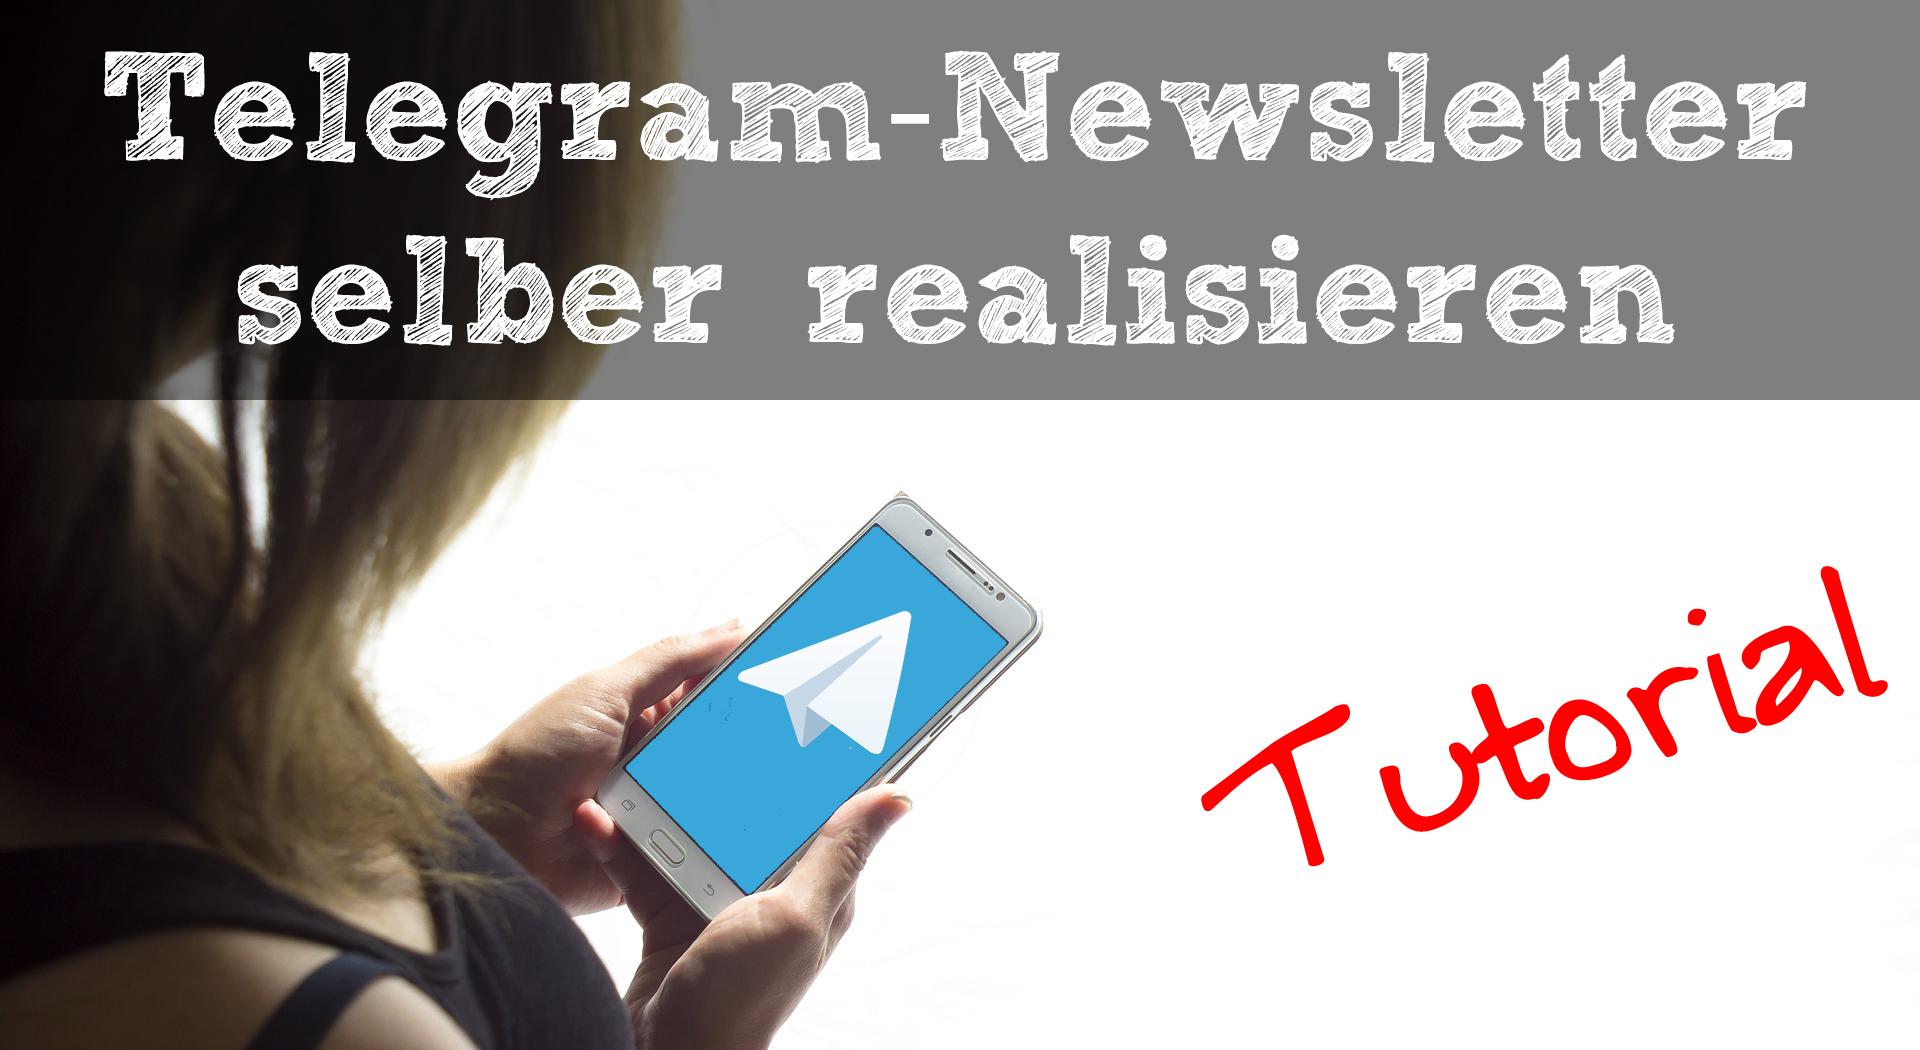 Telegram-Newsletter Tutorial